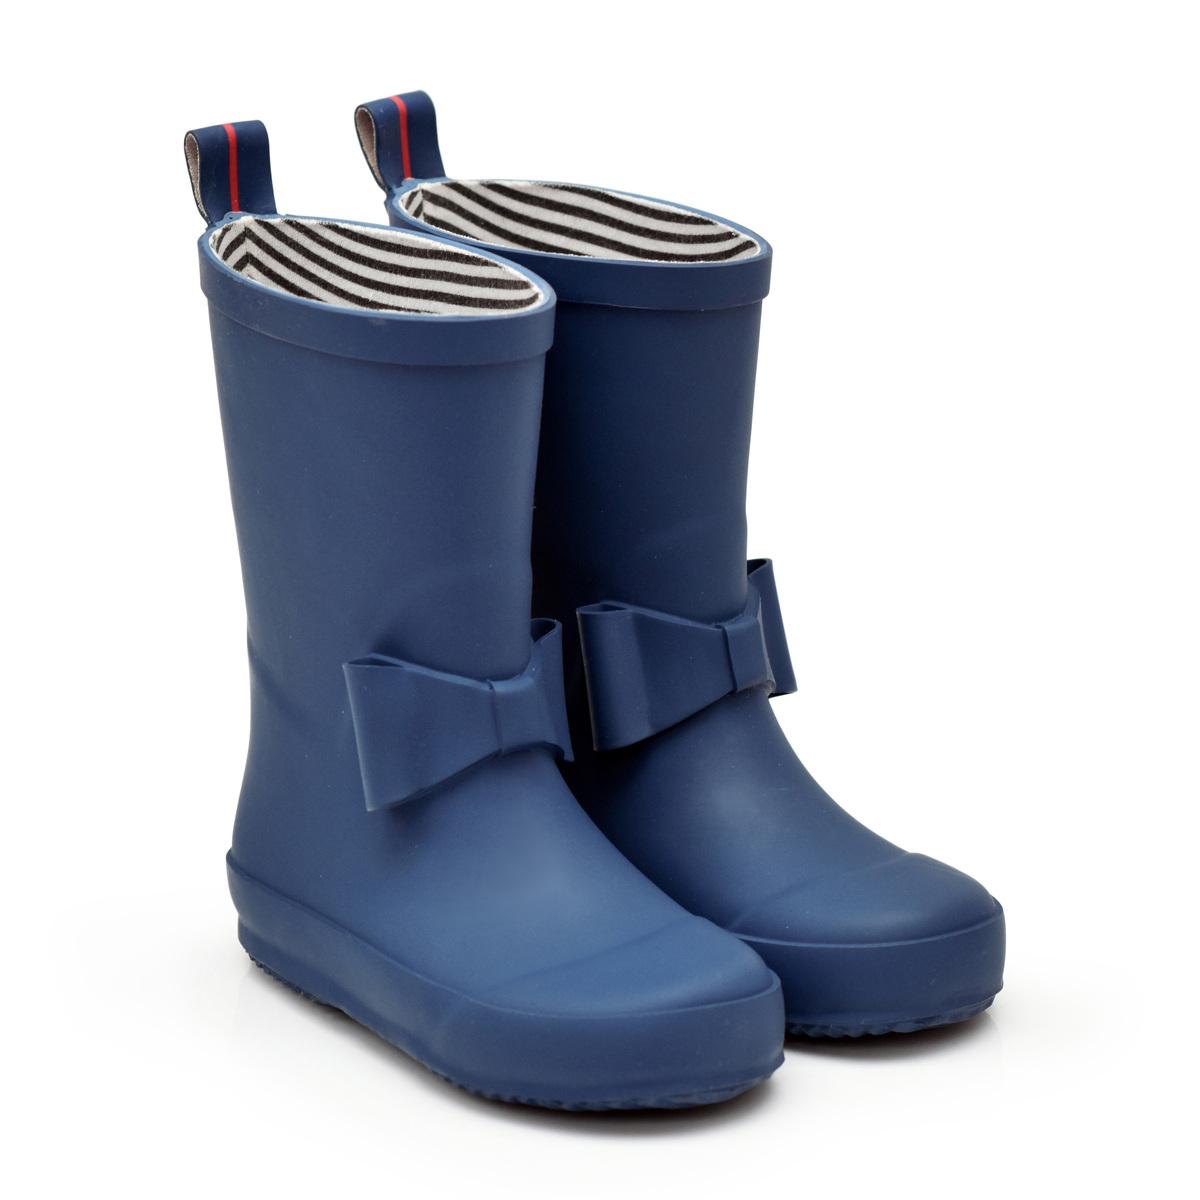 Chaussons & Chaussures Bottes Bowtie Marine - 21 Bottes Bowtie Marine - 21